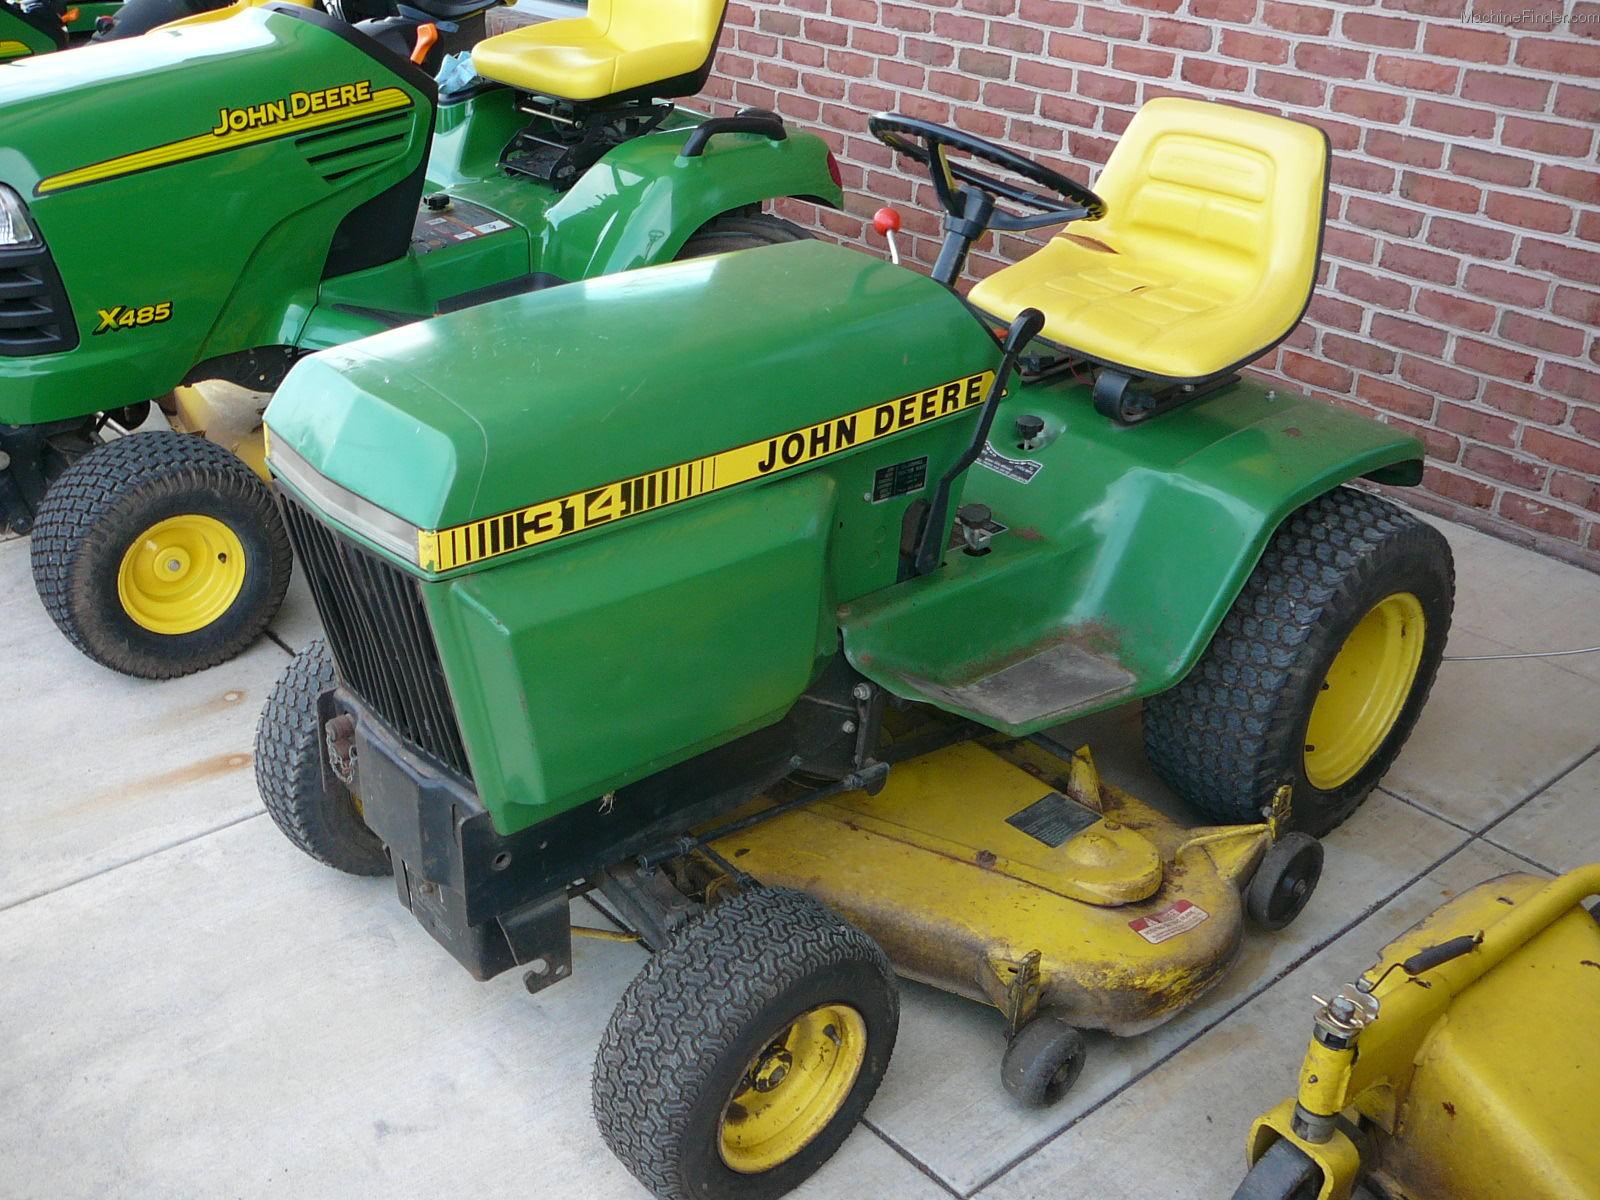 john attachments and parts backhoe australia utility tractors en garden tractor implements accessories deere